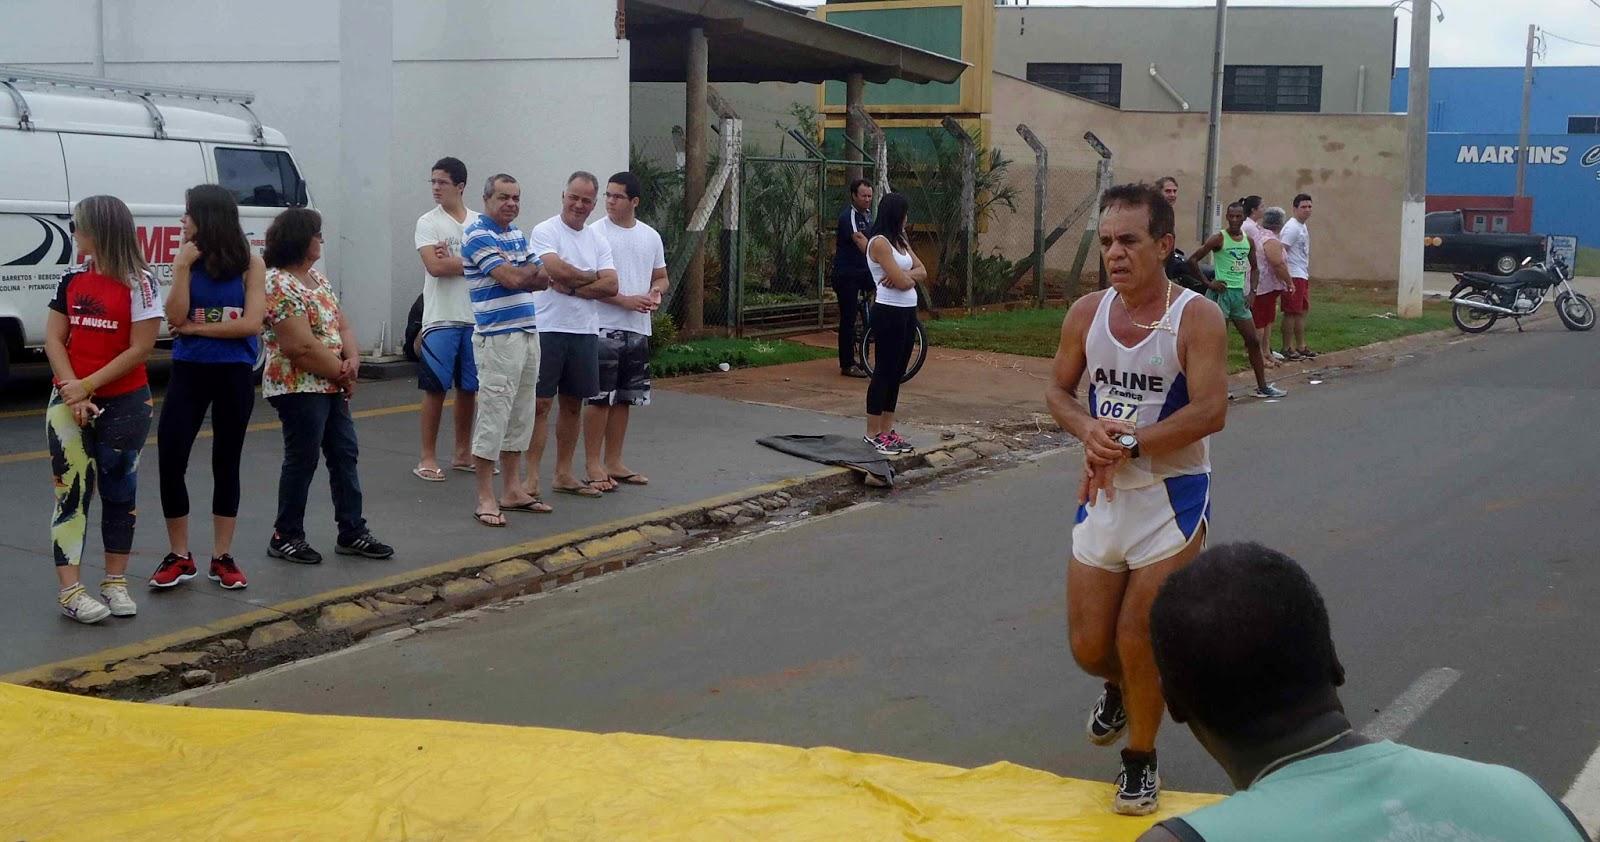 Foto 106 da 1ª Corrida Av. dos Coqueiros em Barretos-SP 14/04/2013 – Atletas cruzando a linha de chegada